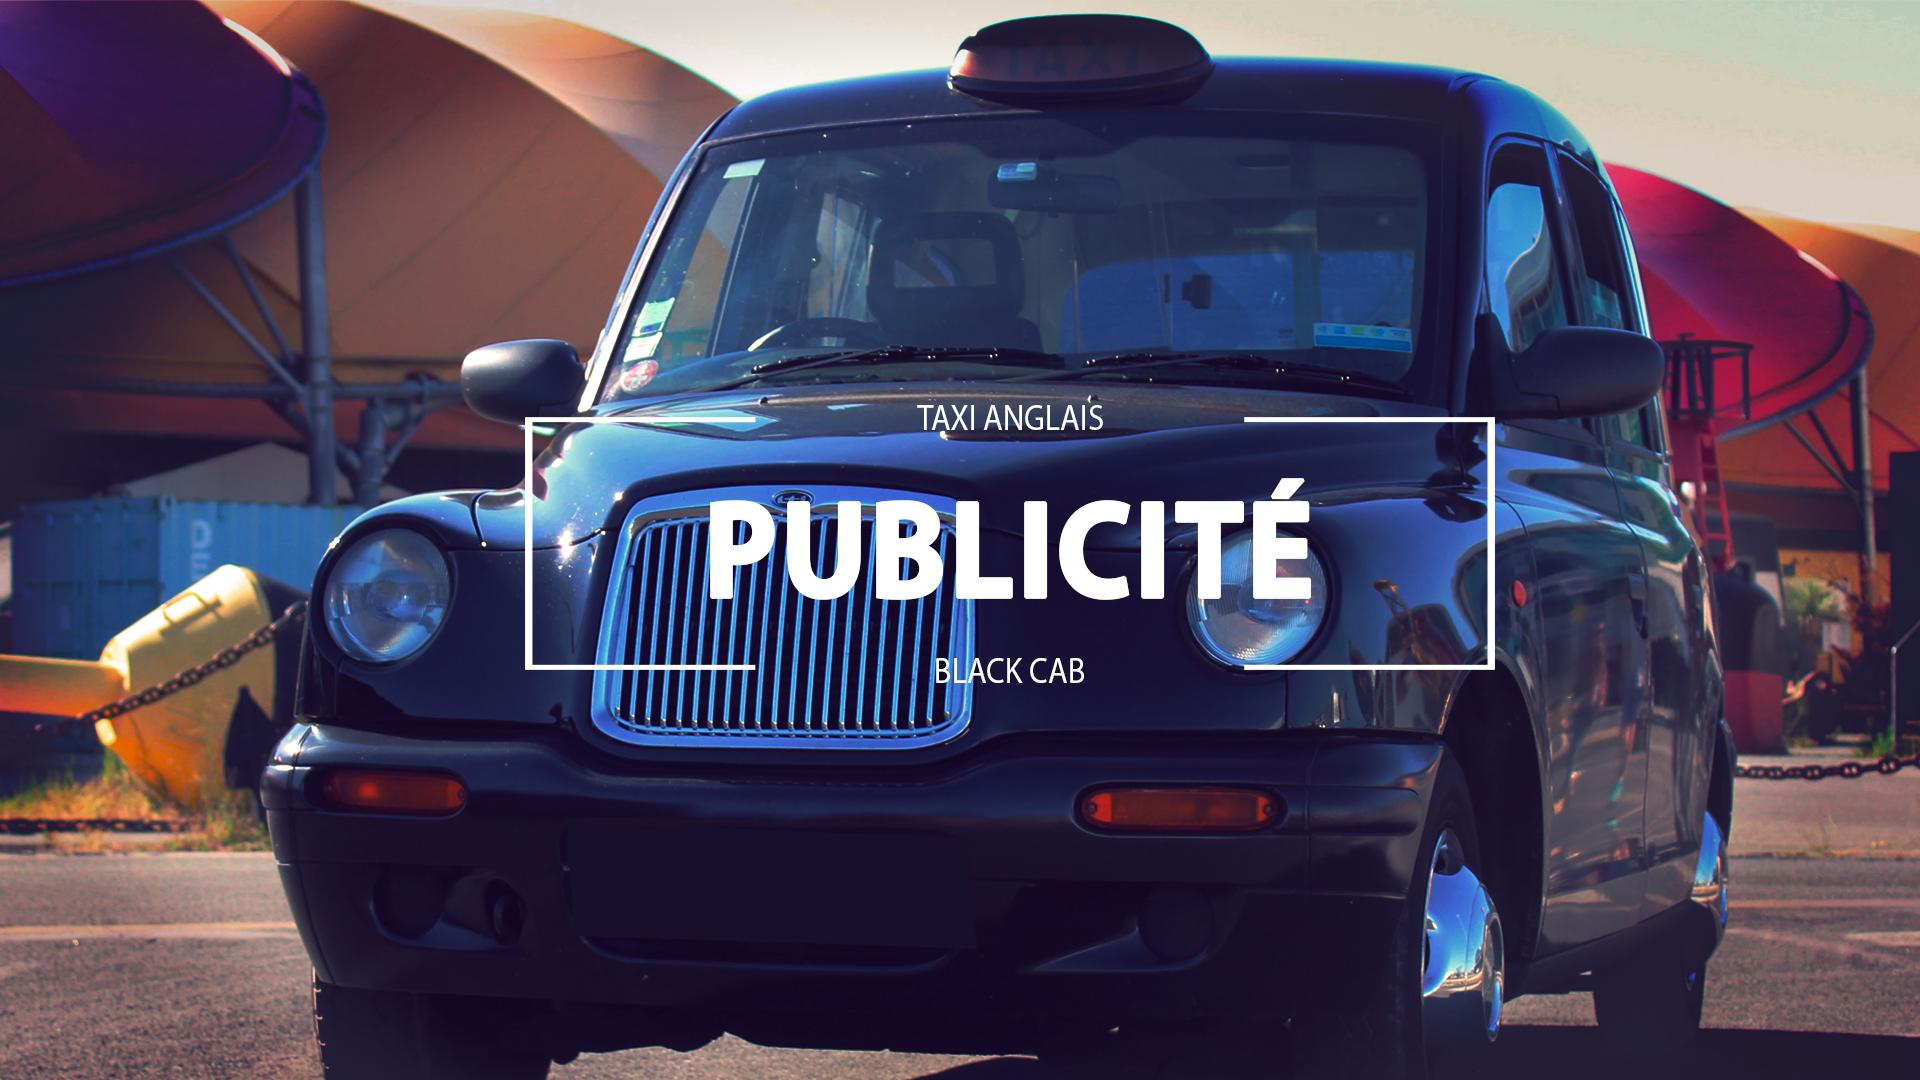 taxi-anglais-pub